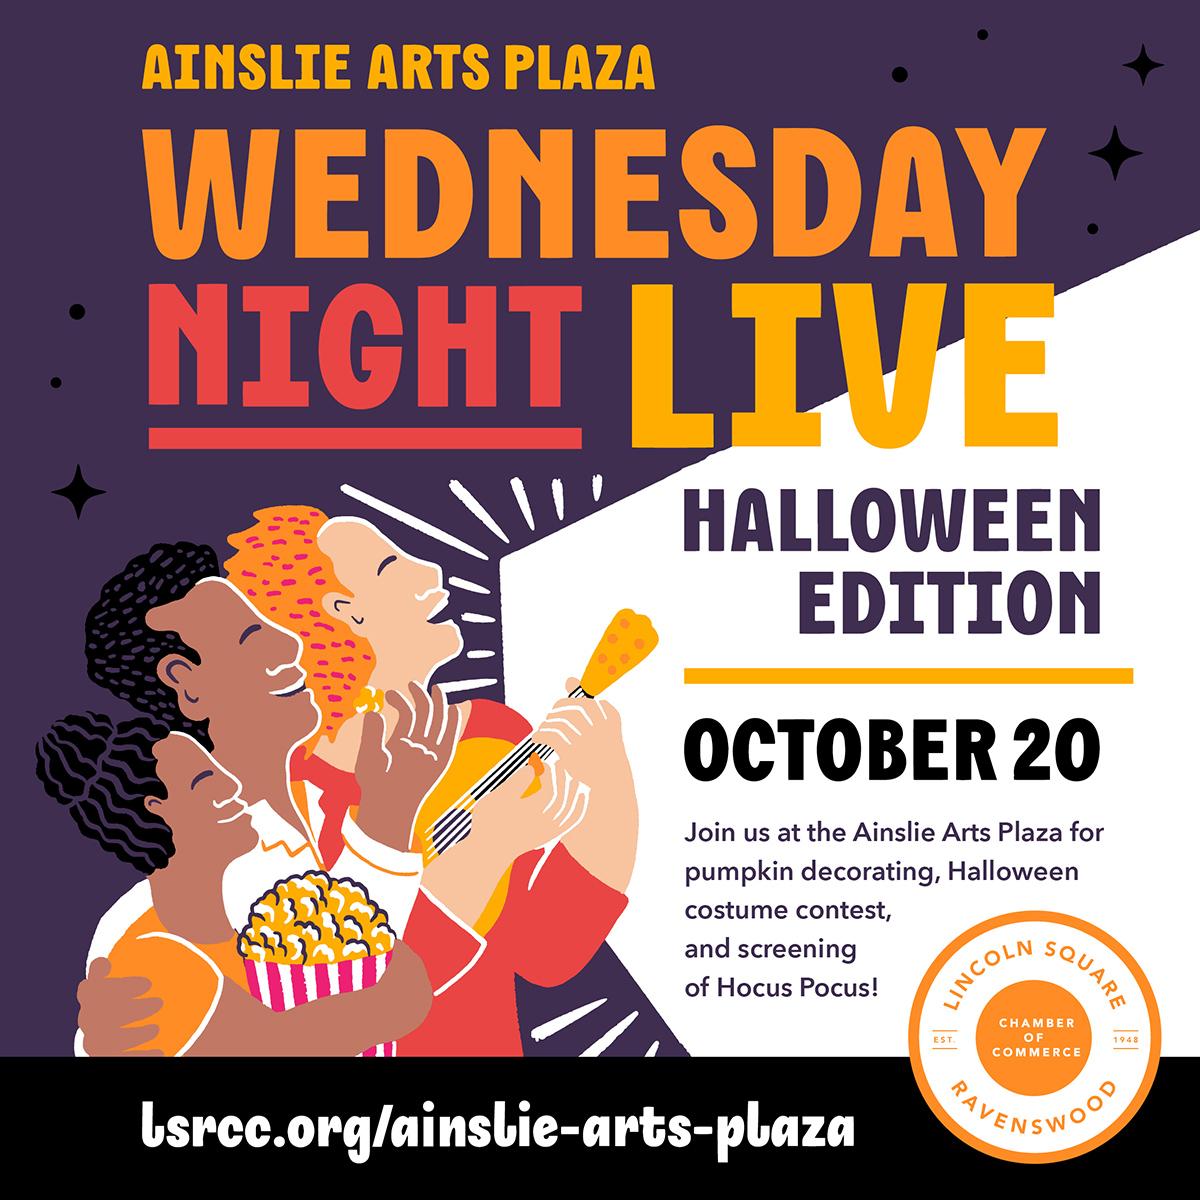 Wednesday Night Live - Halloween Edition